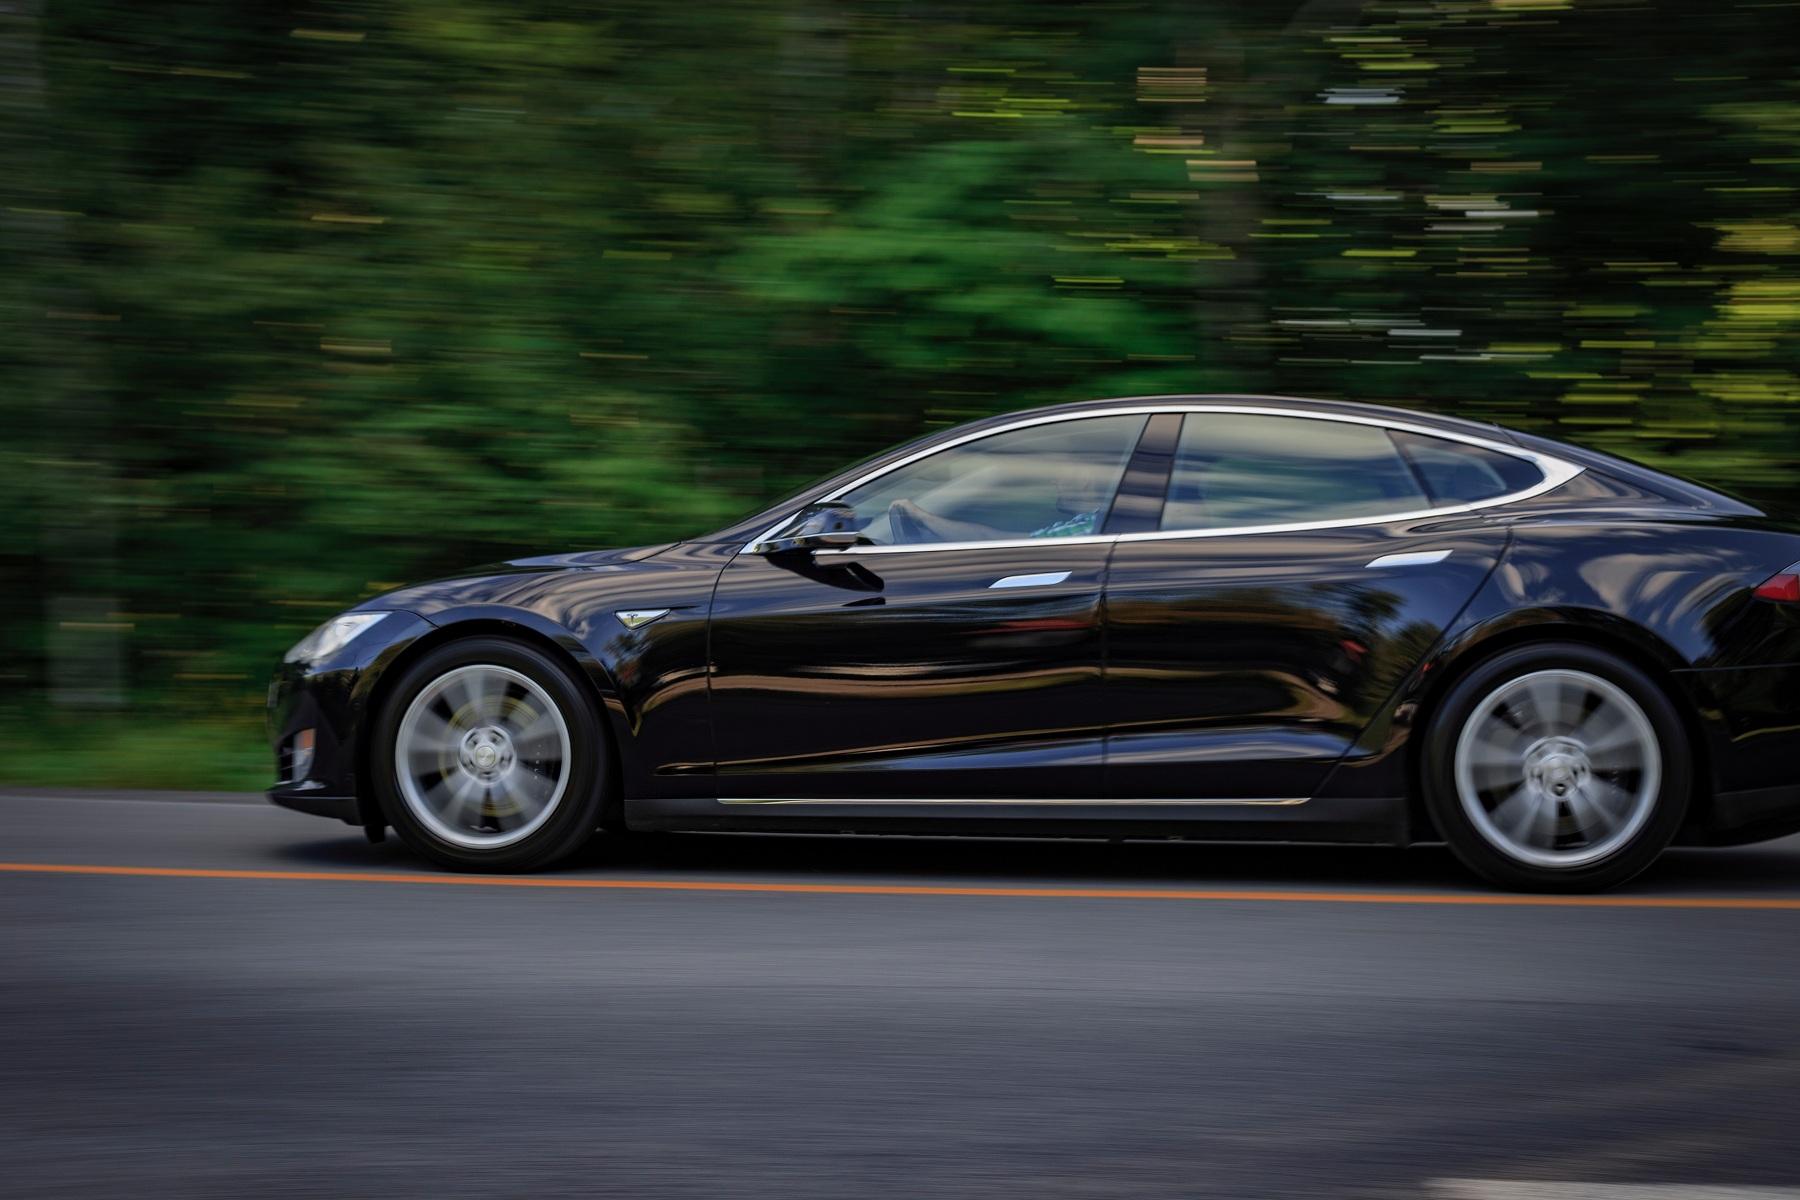 Kompaniї Tesla dozvolyly prodavaty Model 3 v Jevrosojuzi